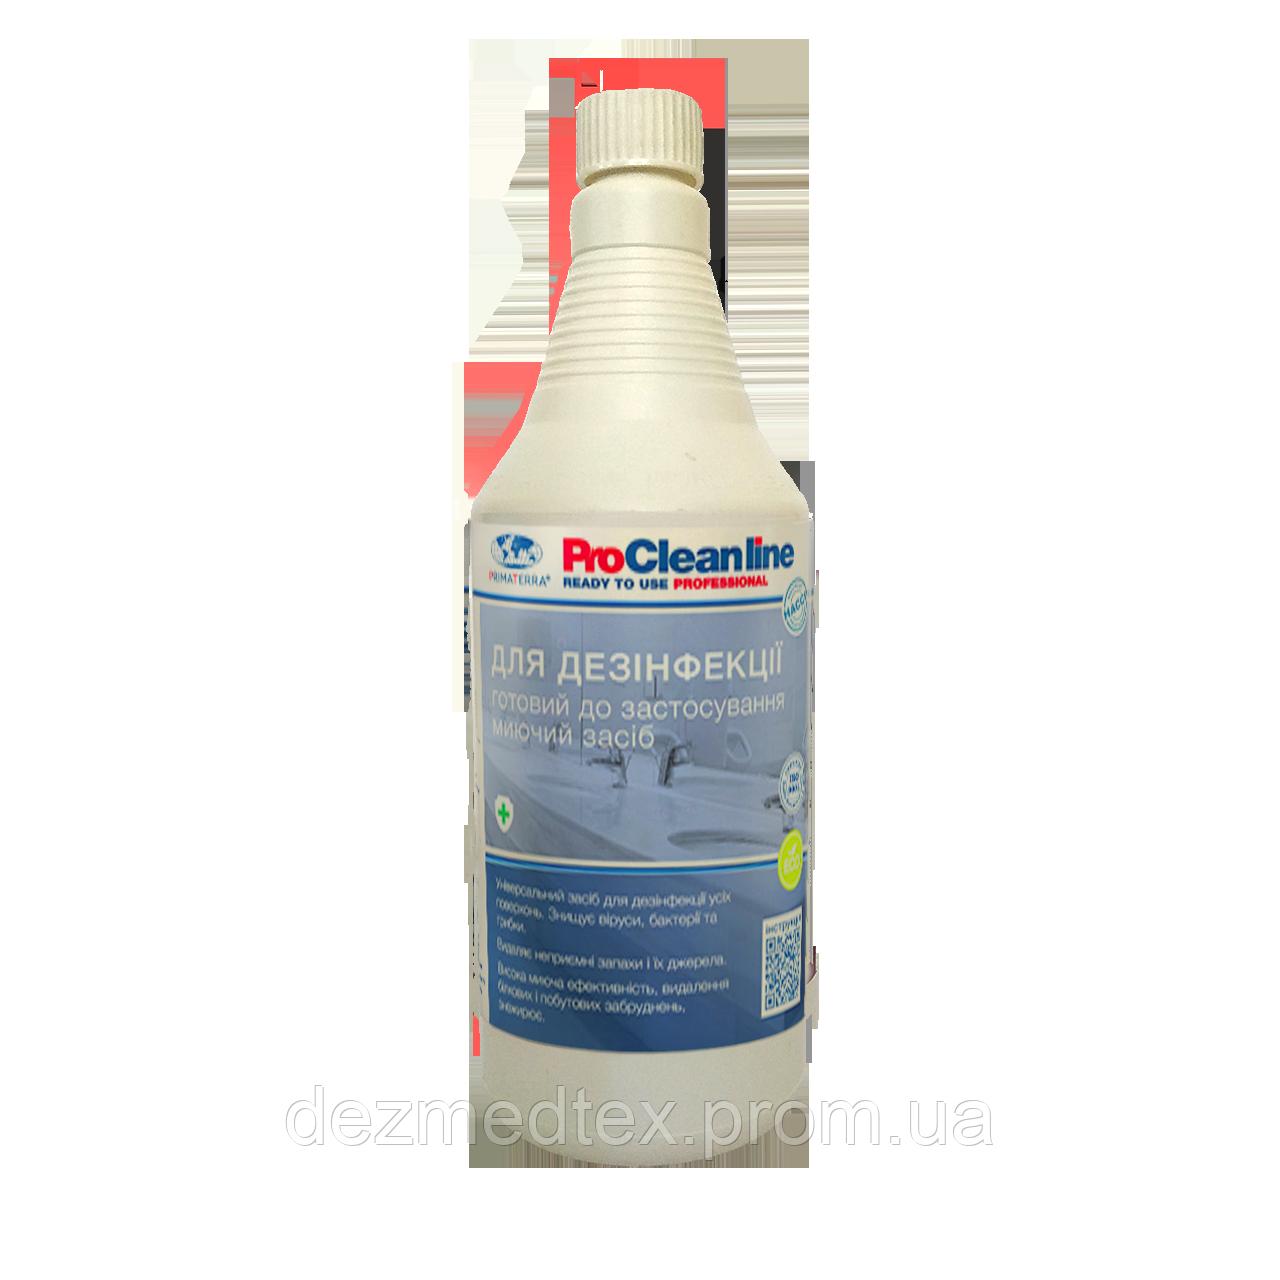 Миючий засіб з активним хлором (запаска) (0,96 кг)